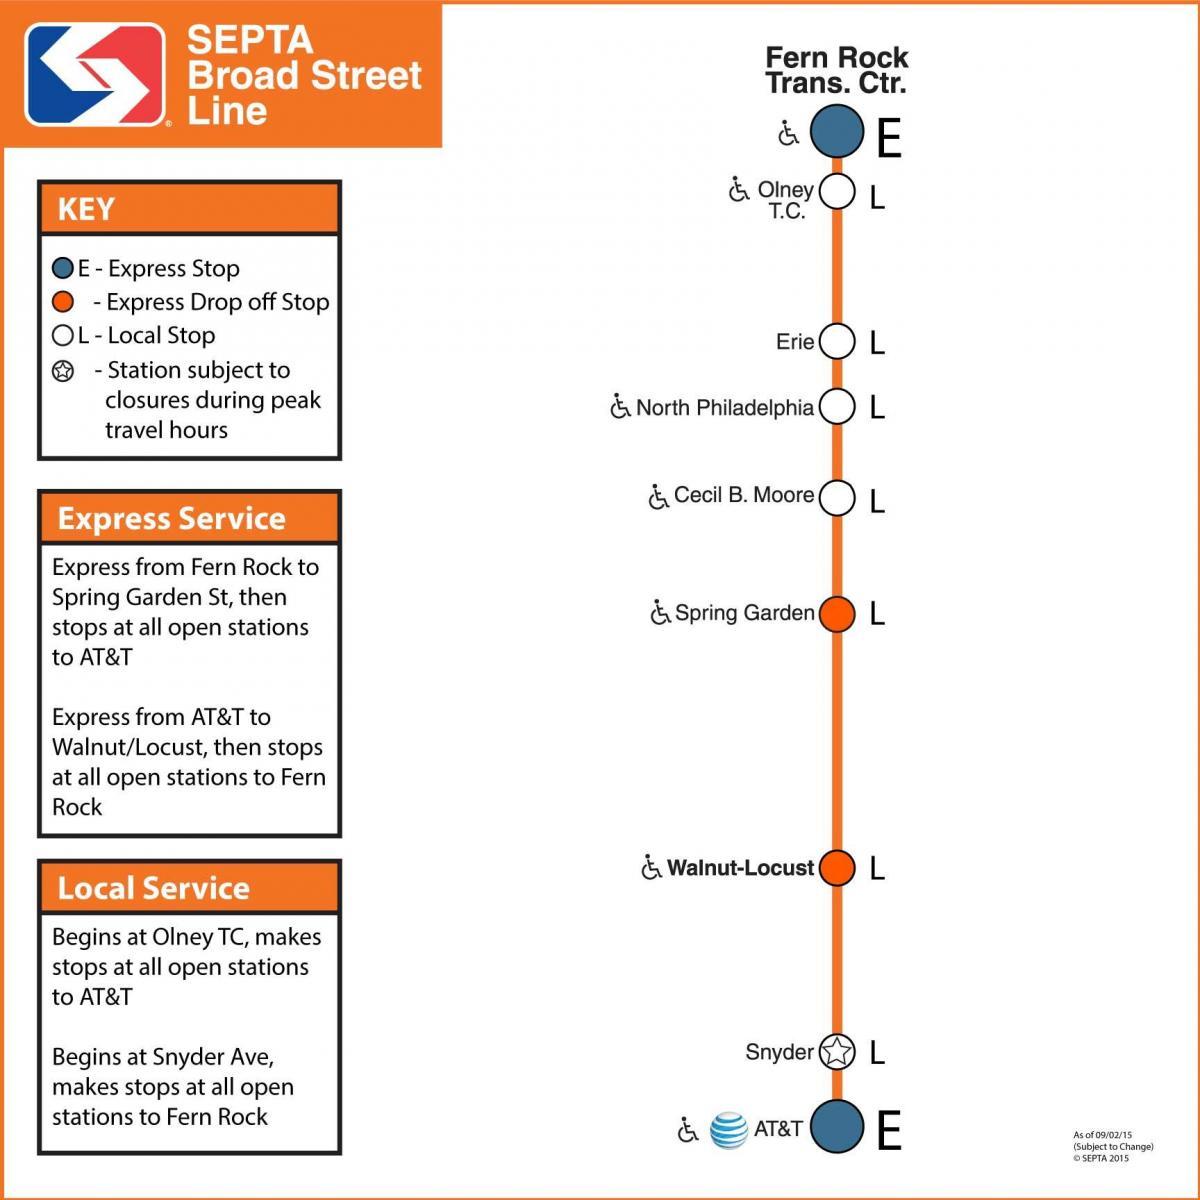 linje på kart Septa broad street linje kart   Kart over Septa broad street linje  linje på kart